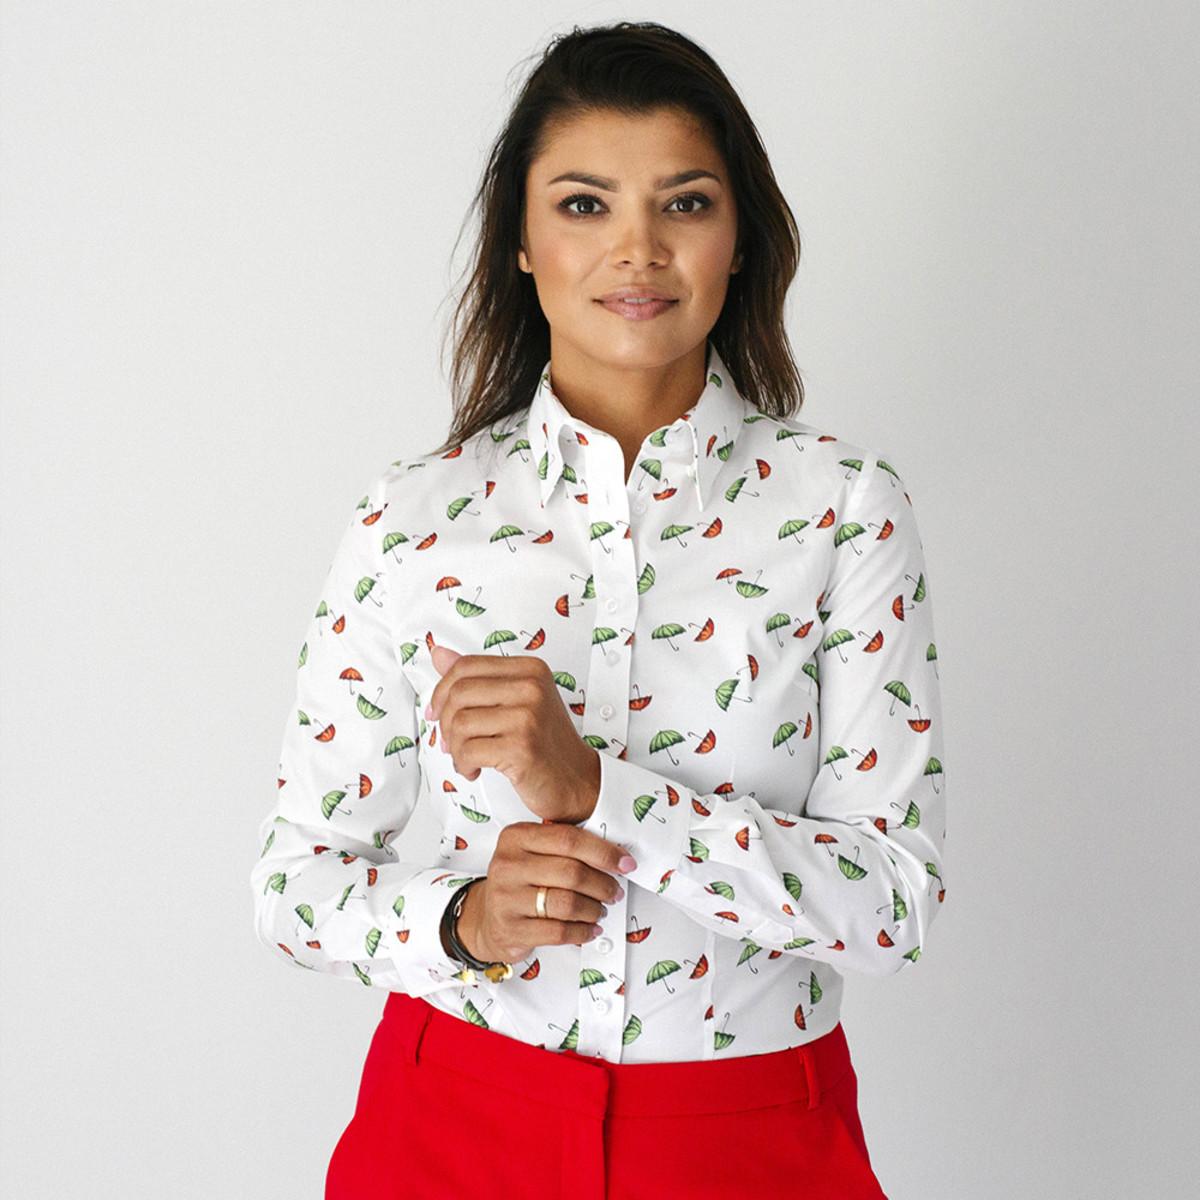 Moderní dámská košile se vzorem deštníků 9579 34